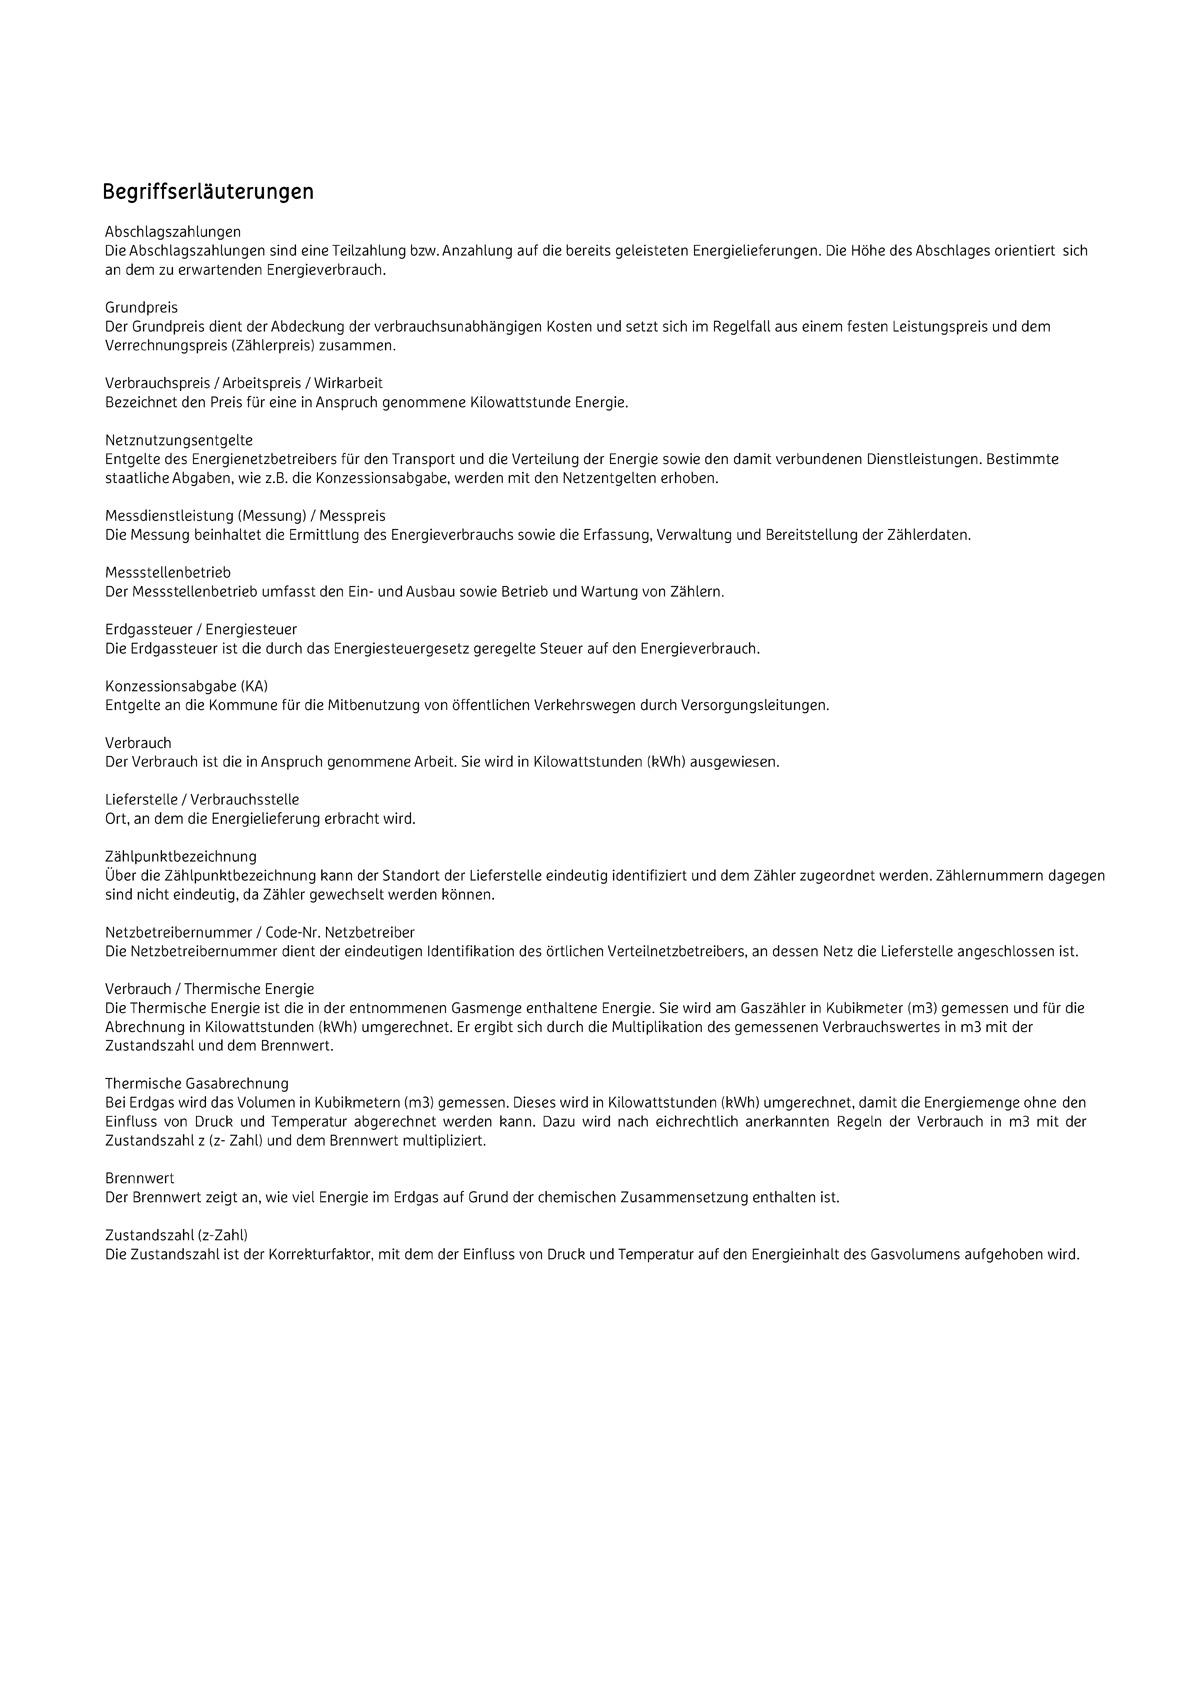 Musterrechnung Gas Stadtwerke Müllheim Staufen